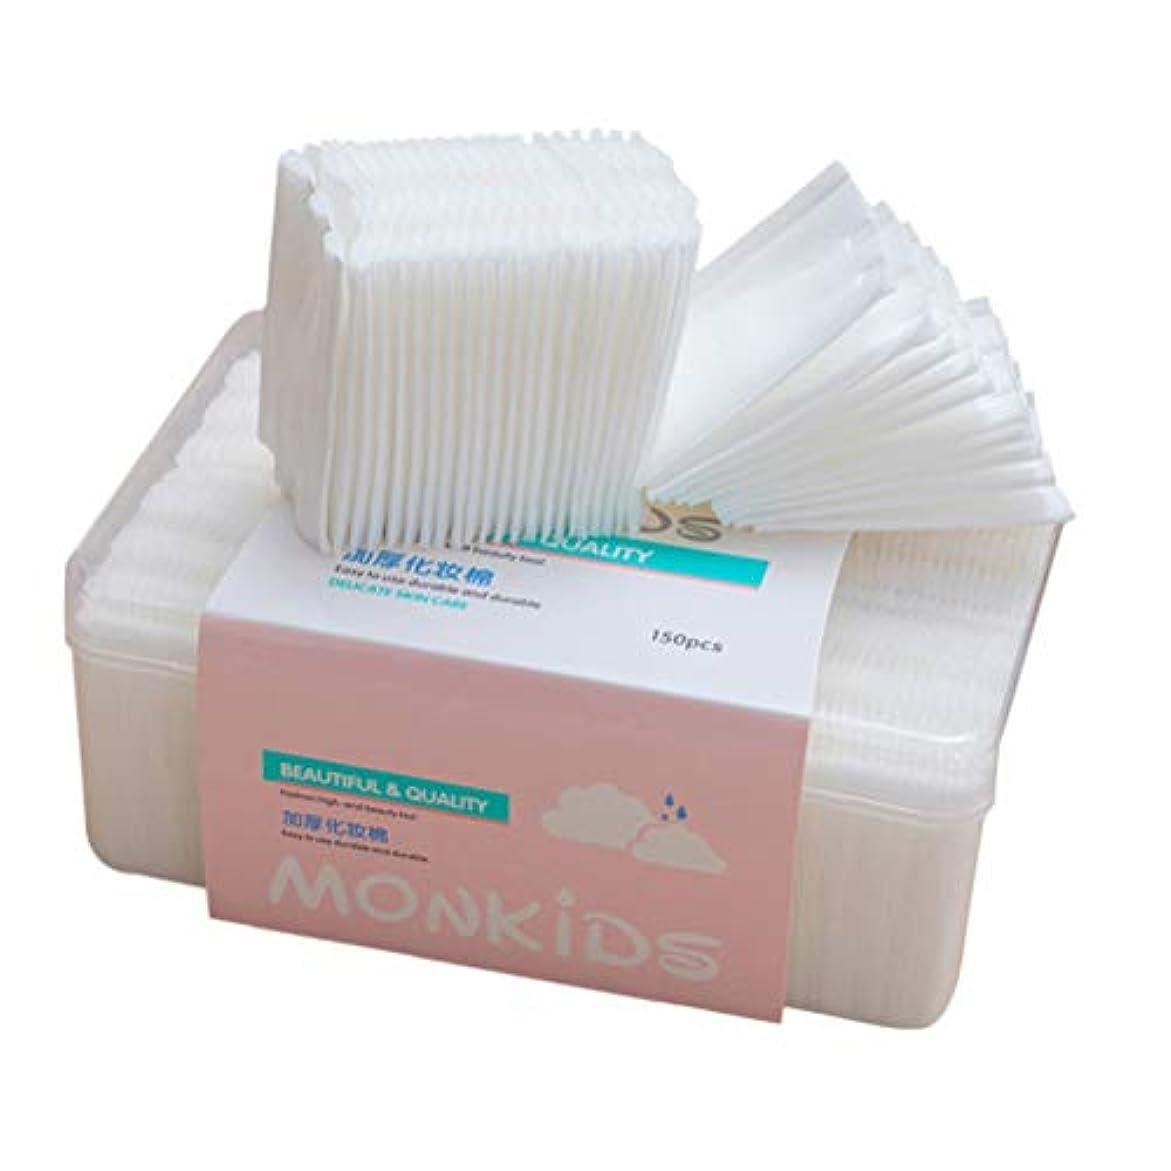 消化器種をまくかかわらずビューティーアップコットン 天然綿 化粧コットン 顔クレンジングシート メイク落としシート 150枚(厚い)